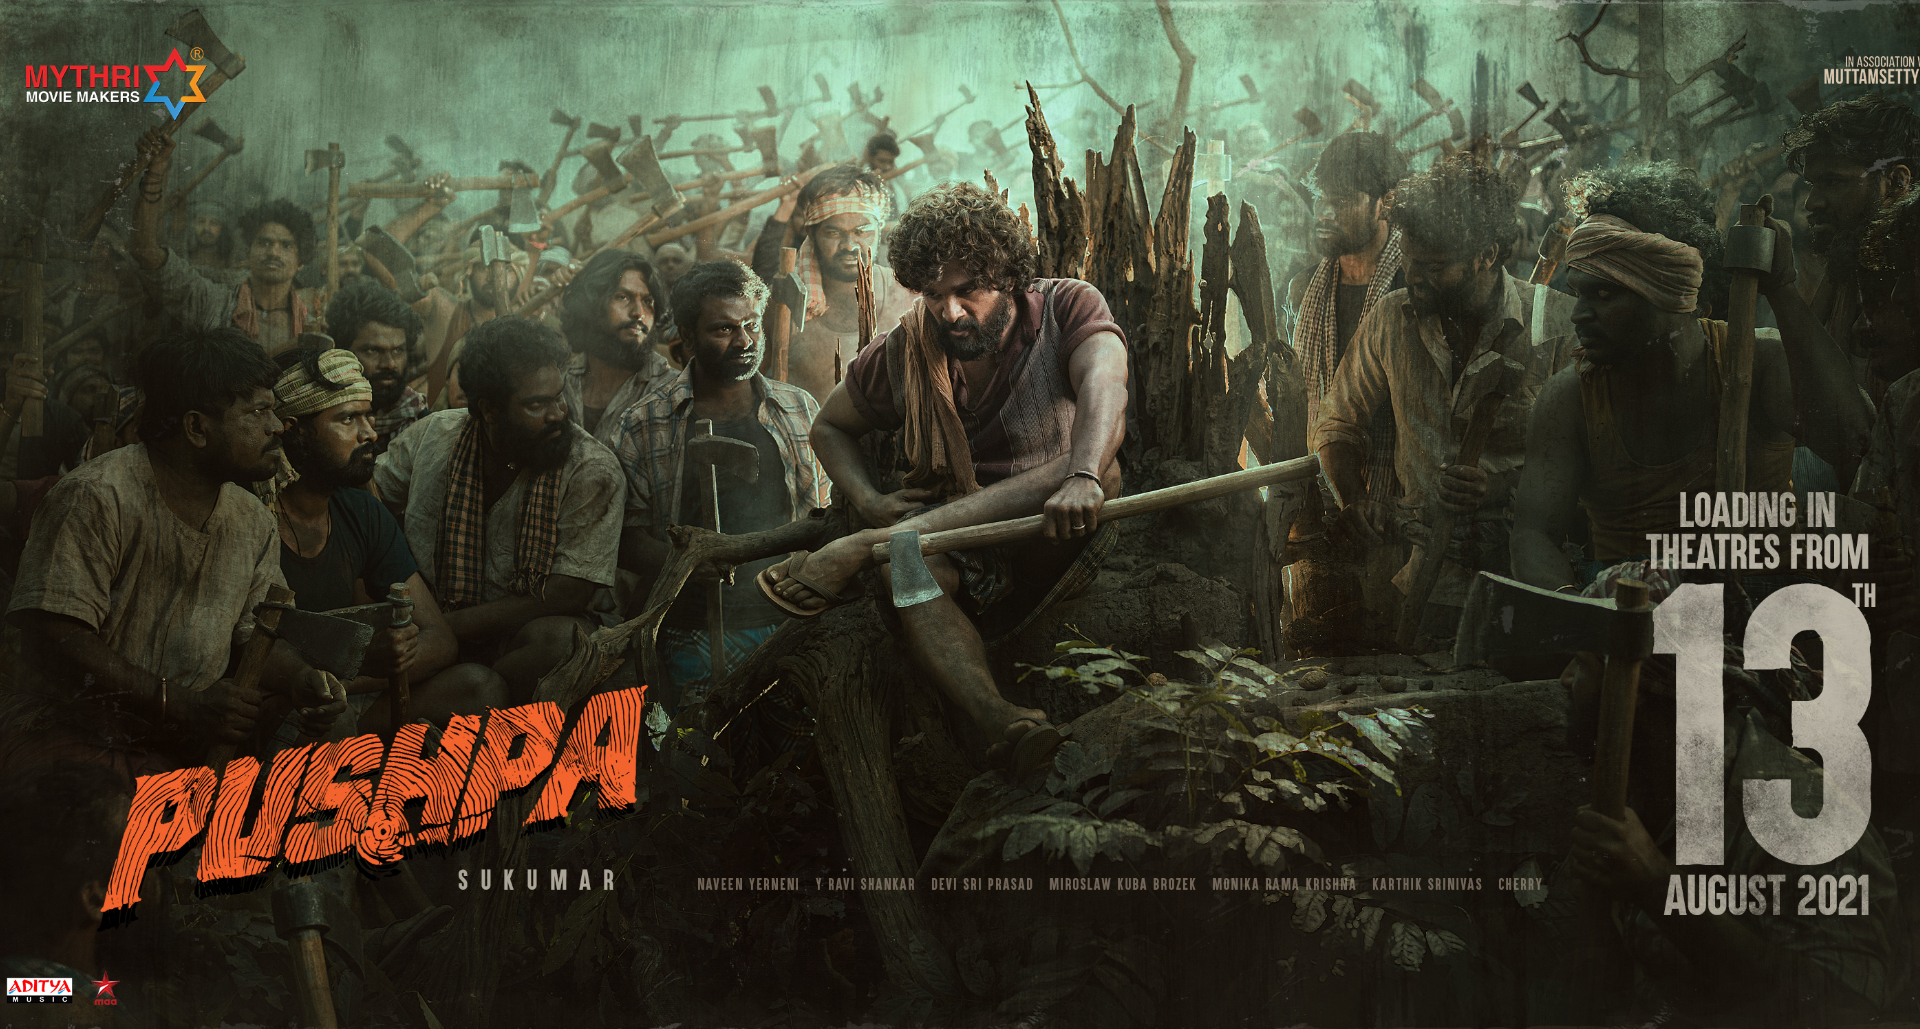 अल्लूअर्जुन स्टारर बहुप्रतीक्षित फिल्म'पुष्पा 13' अगस्त को रिलीज़ होगी, जानिये पूरी डिटेल!